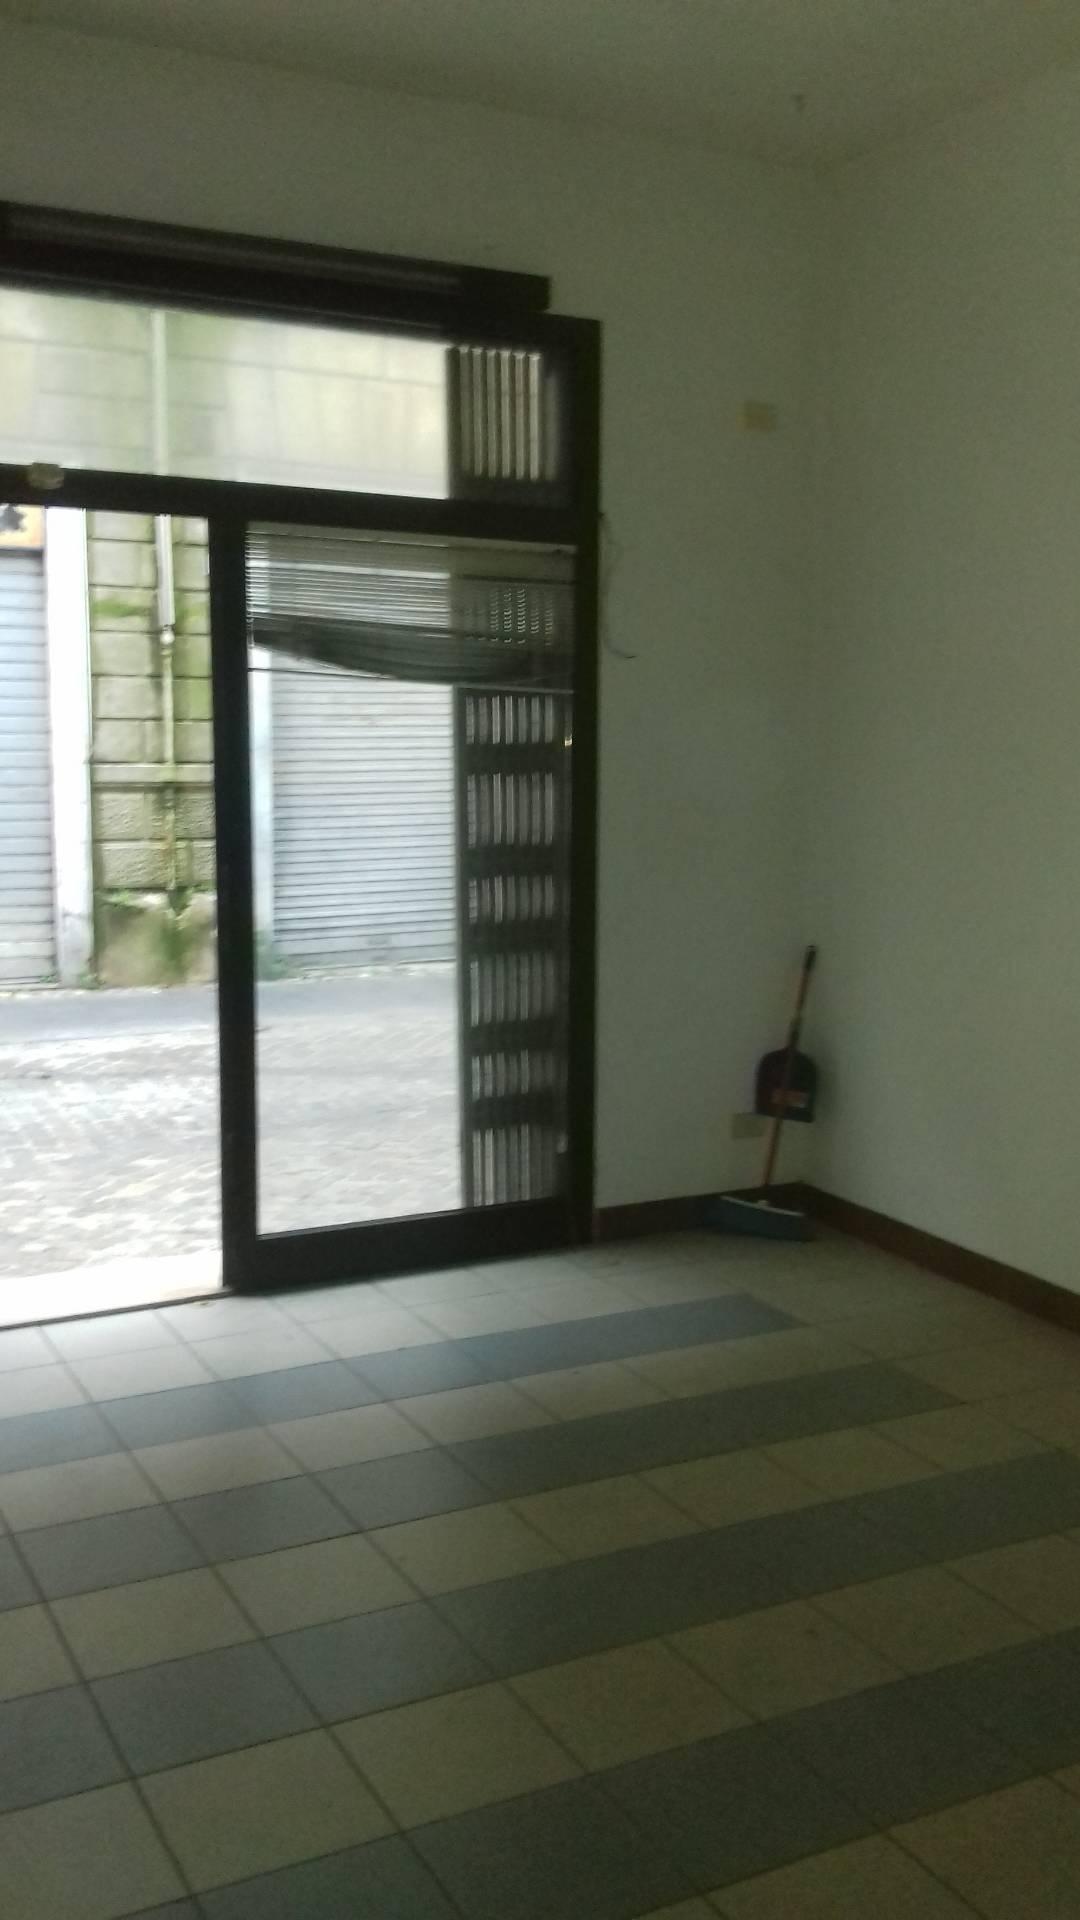 Negozio / Locale in affitto a Lugo, 9999 locali, zona Località: centro, prezzo € 350 | CambioCasa.it